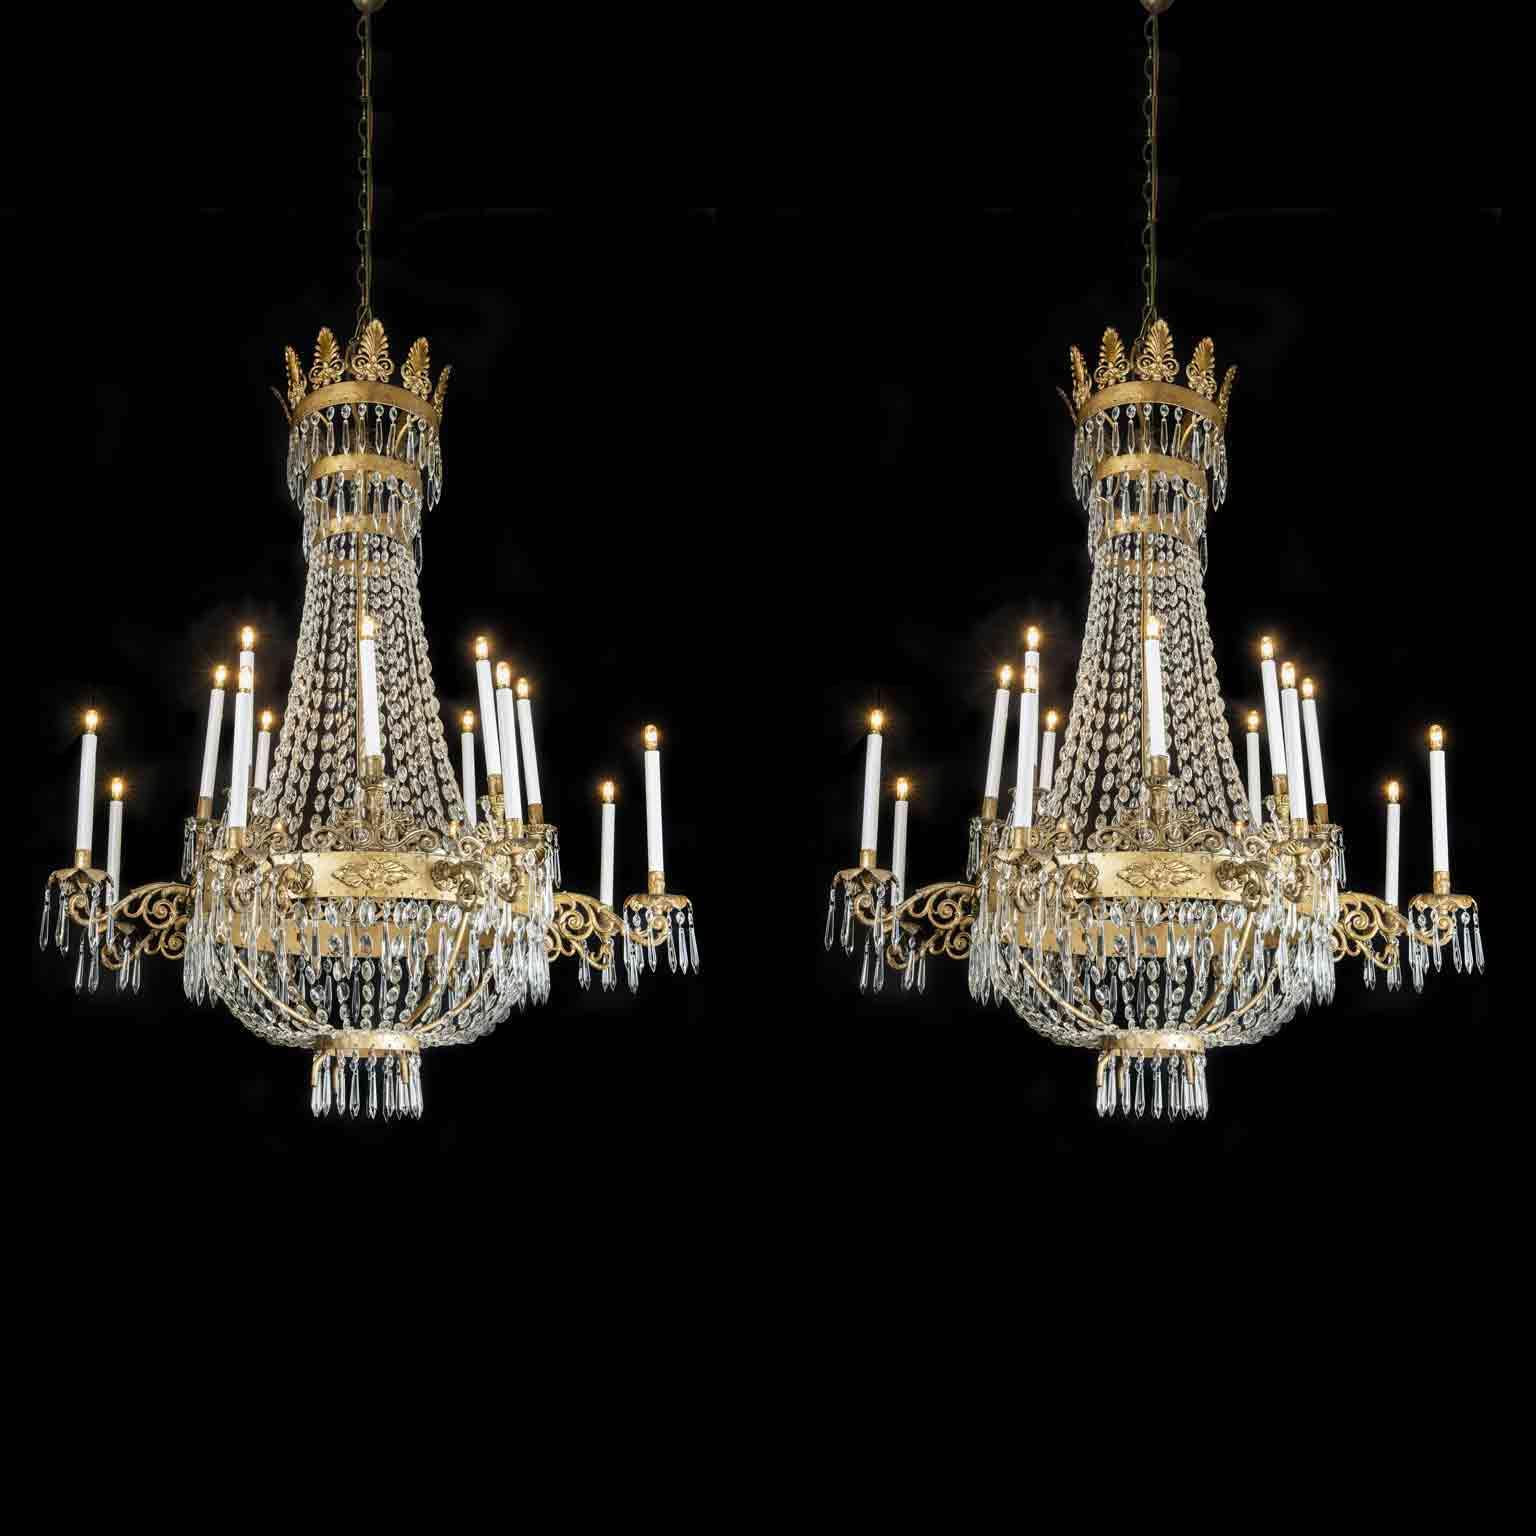 Lampadari Di Murano Antichi Prezzi.Coppia Lampadari Antichi Epoca Impero 16 Luci